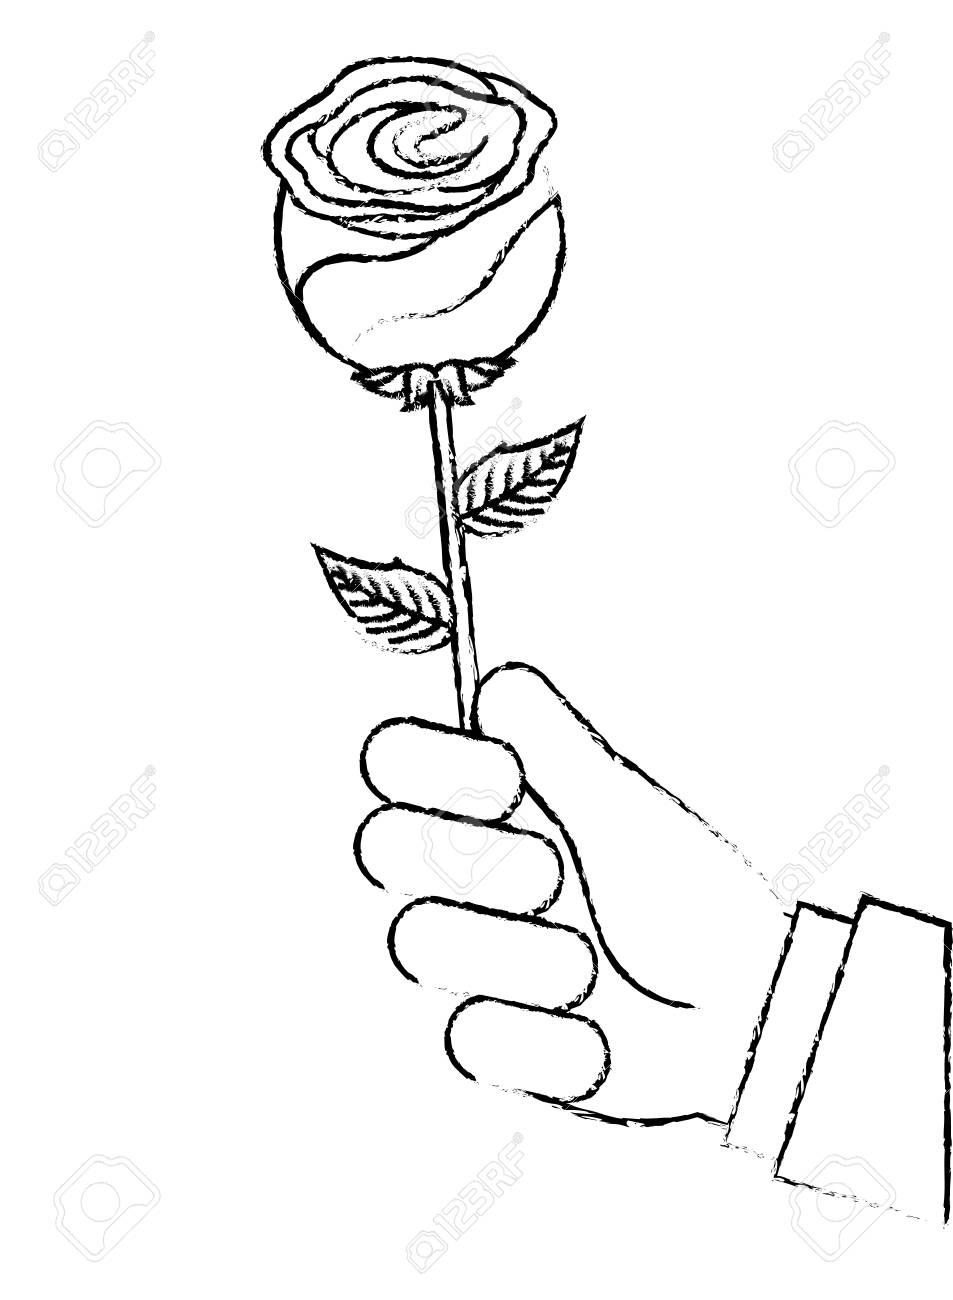 Mão Segurando A Imagem De Desenho De Ilustração De Vetor De Flor Linda